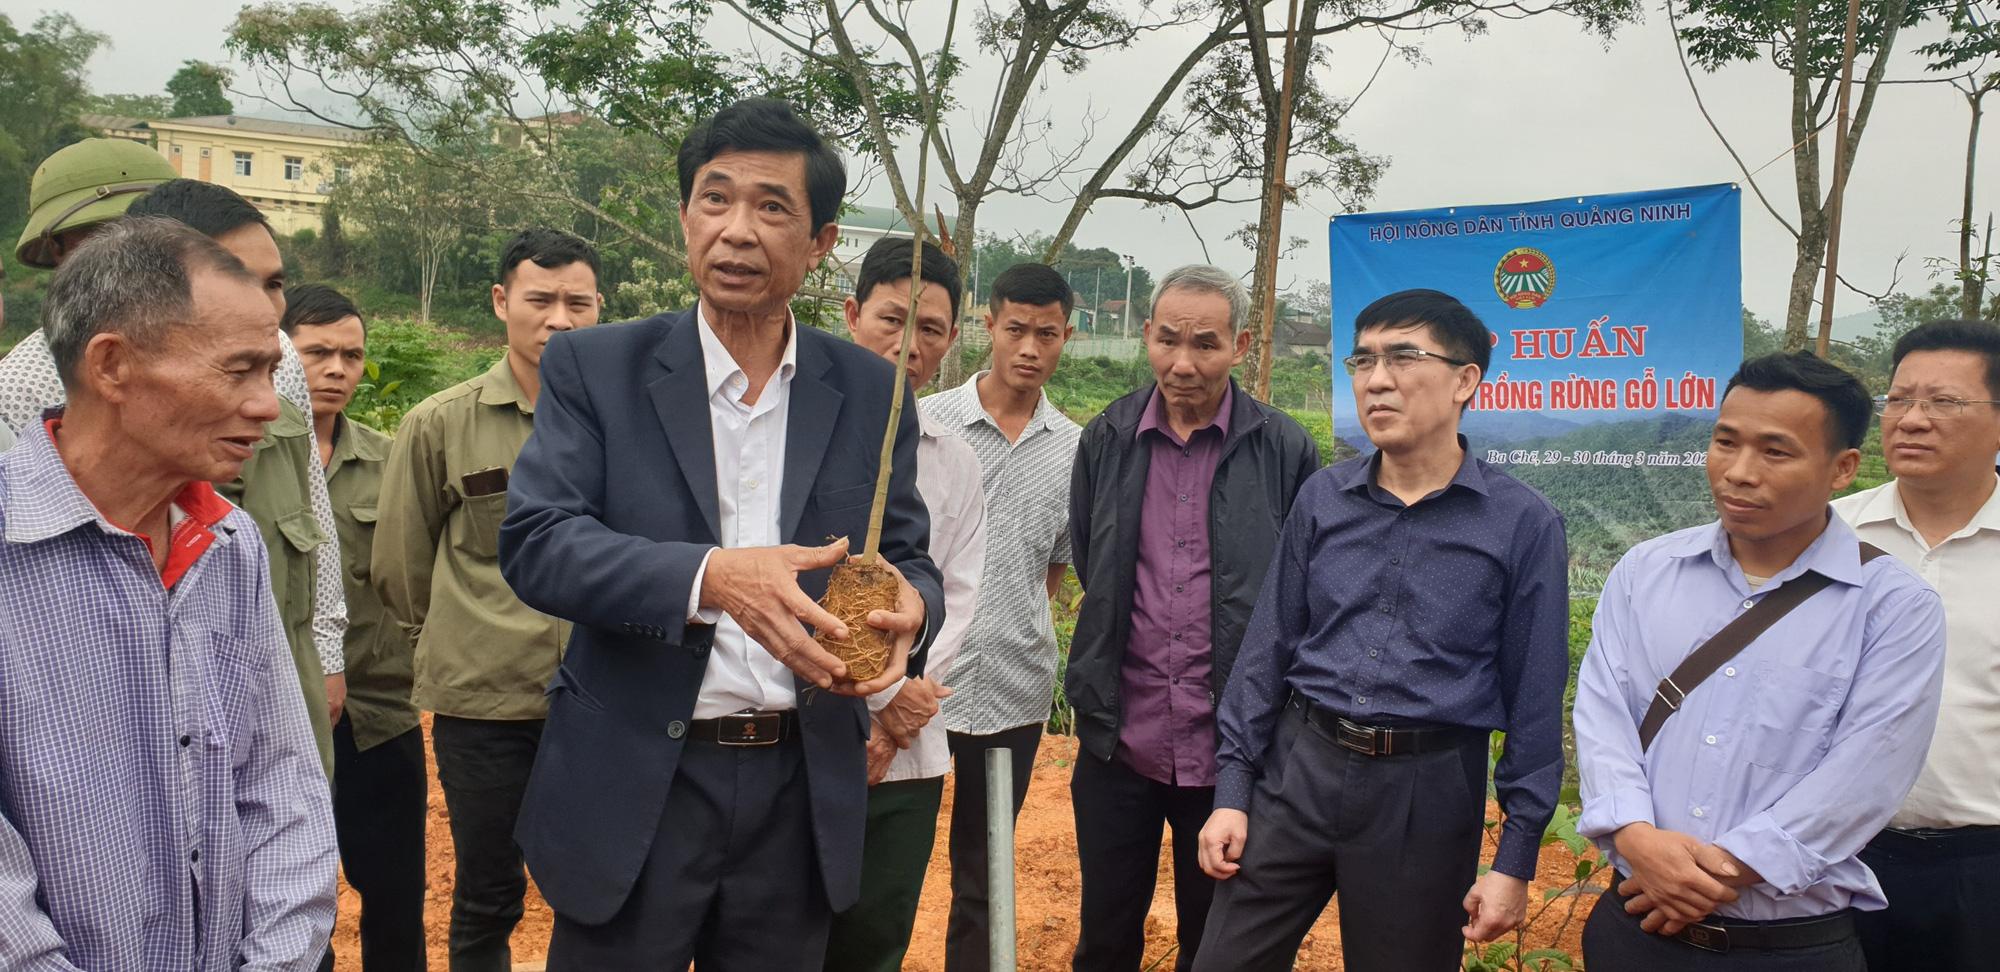 Hội Nông dân tỉnh Quảng Ninh chung tay giúp Đồn Đạc xây dựng nông thôn mới - Ảnh 4.